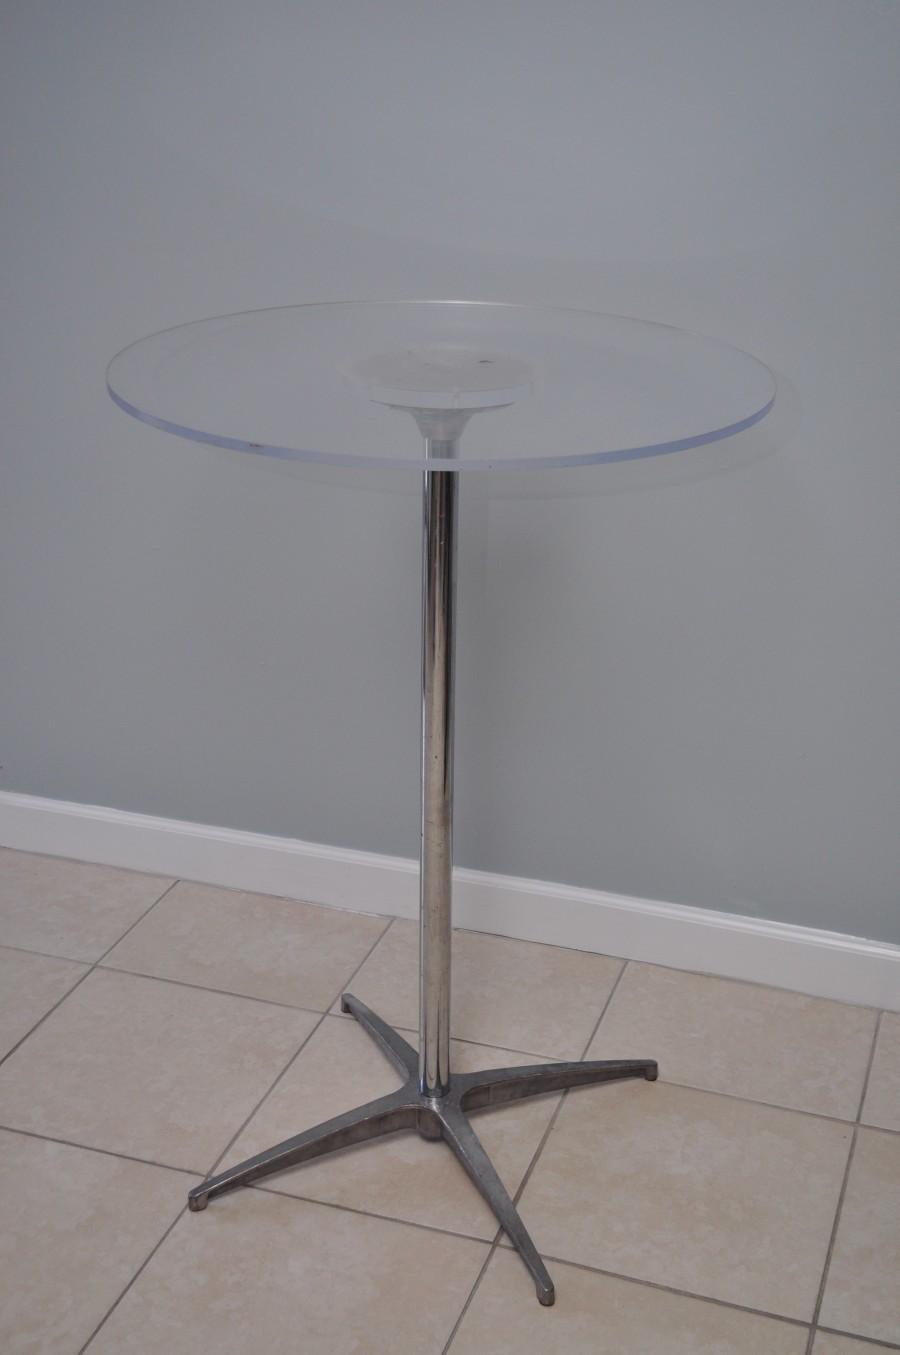 Acryl-Cocktail-Tables Acryl-Cocktail-Tisch-900x1355.jpg OWXHDJS